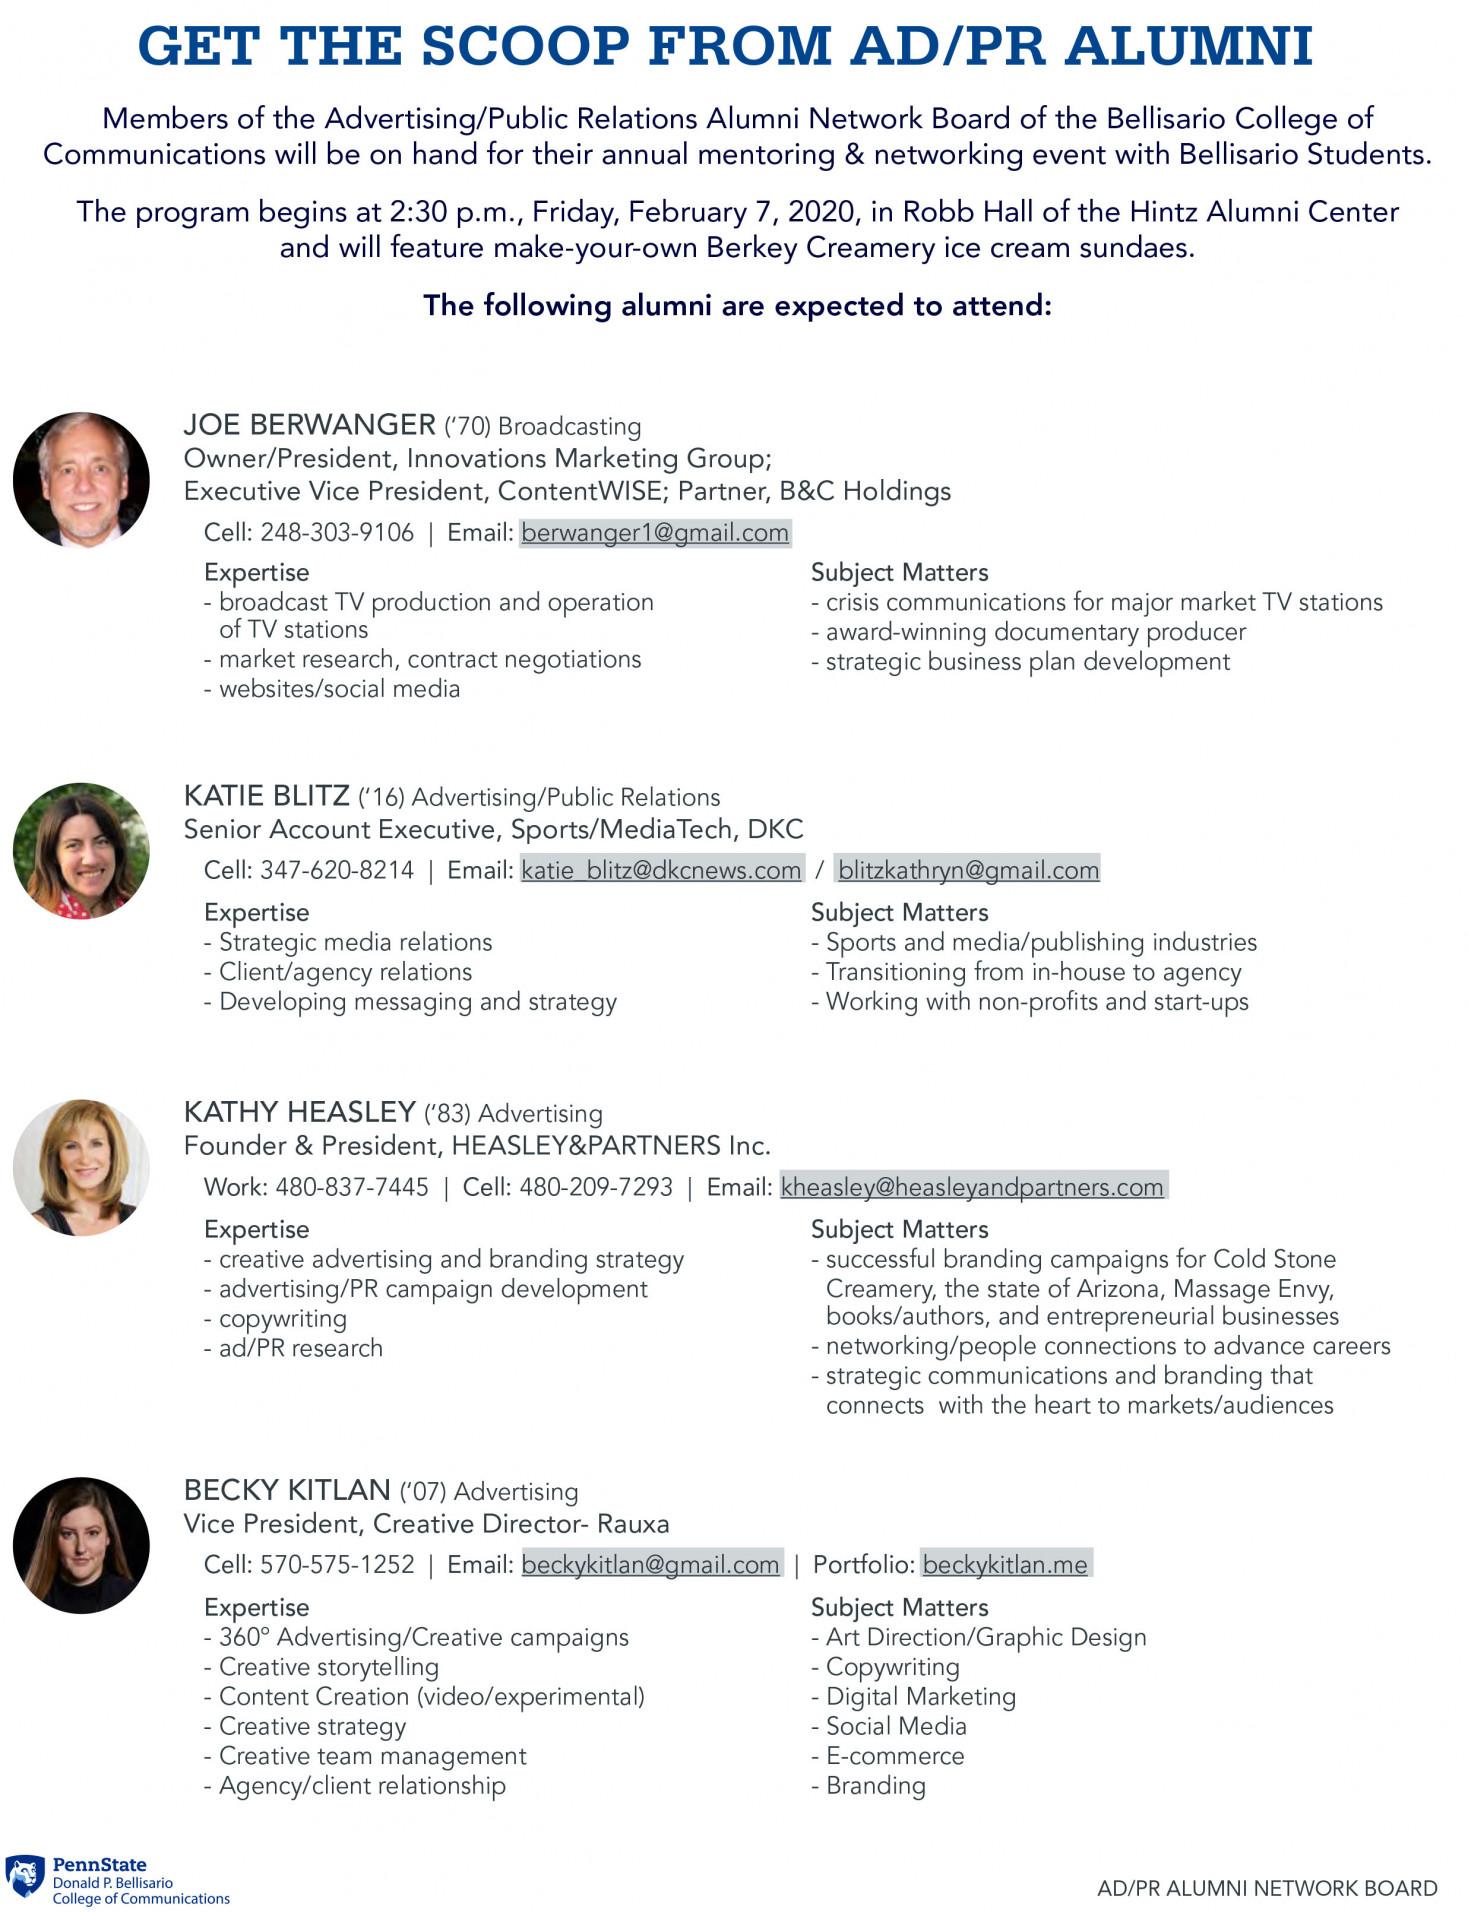 Ad/PR Mentors 2020